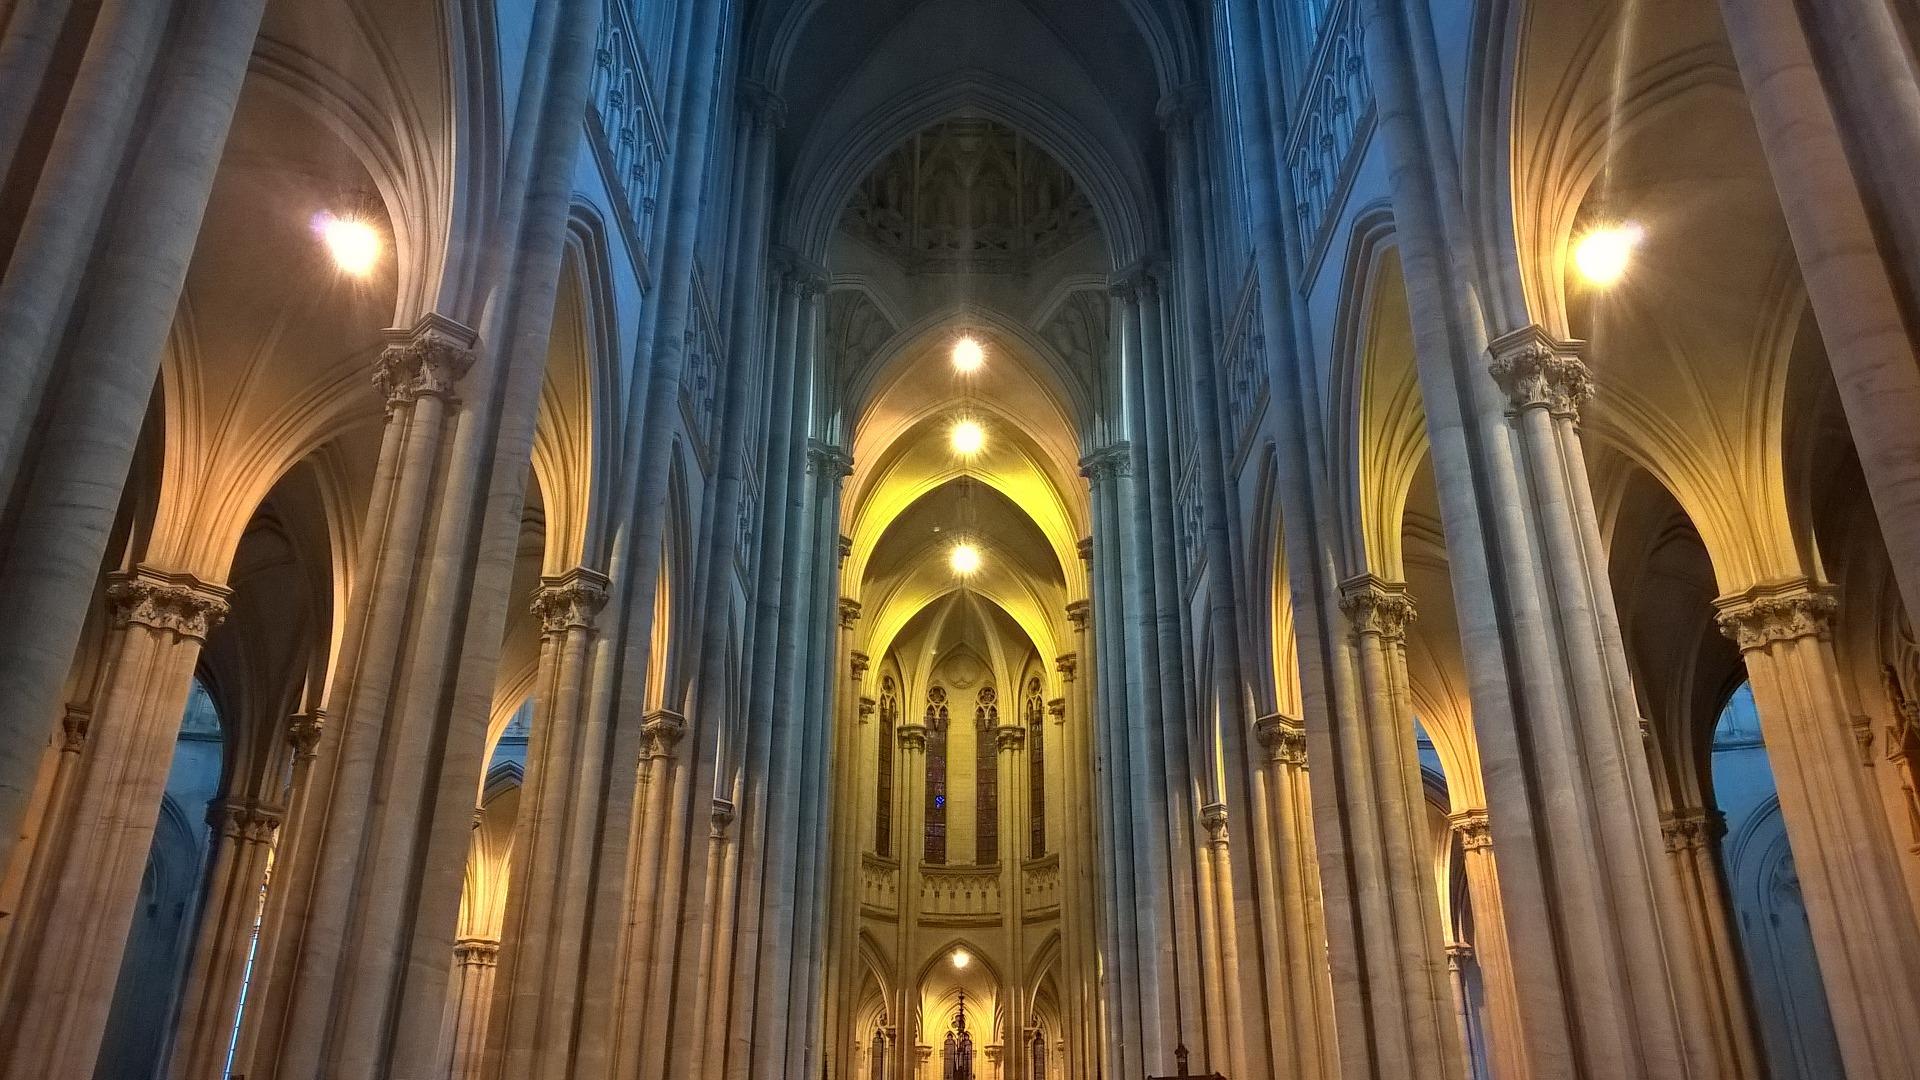 Inteligentné osvetlenie kostola Taphome